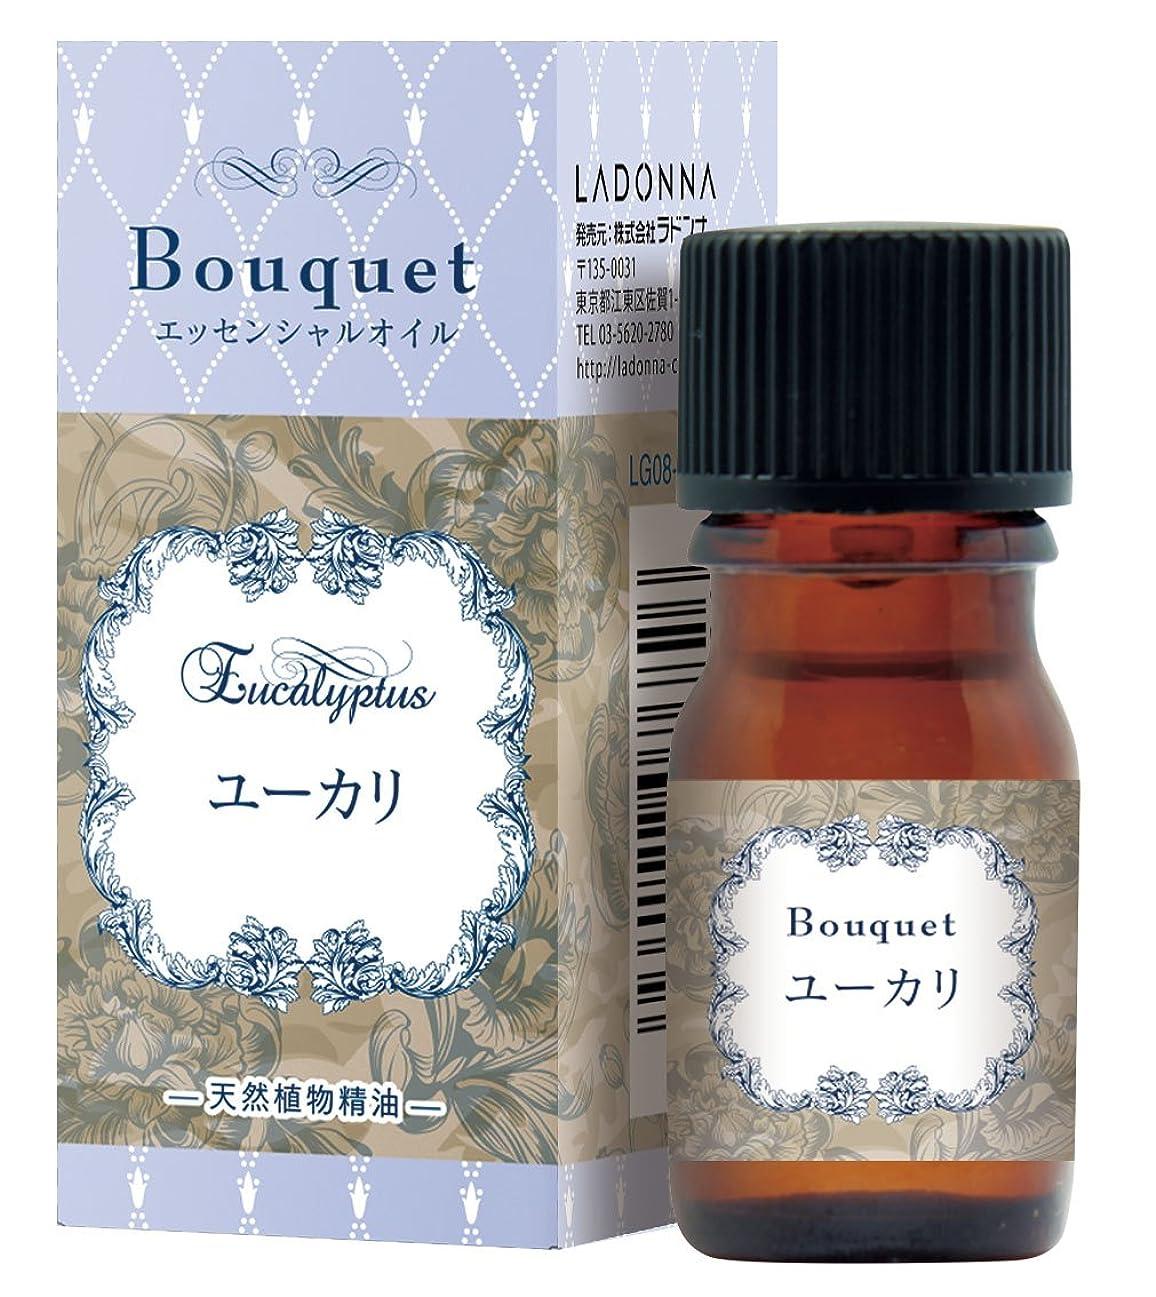 蛾ヒョウ締め切りラドンナ エッセンシャルオイル -天然植物精油- Bouquet(ブーケ) LG08-EO ユーカリ